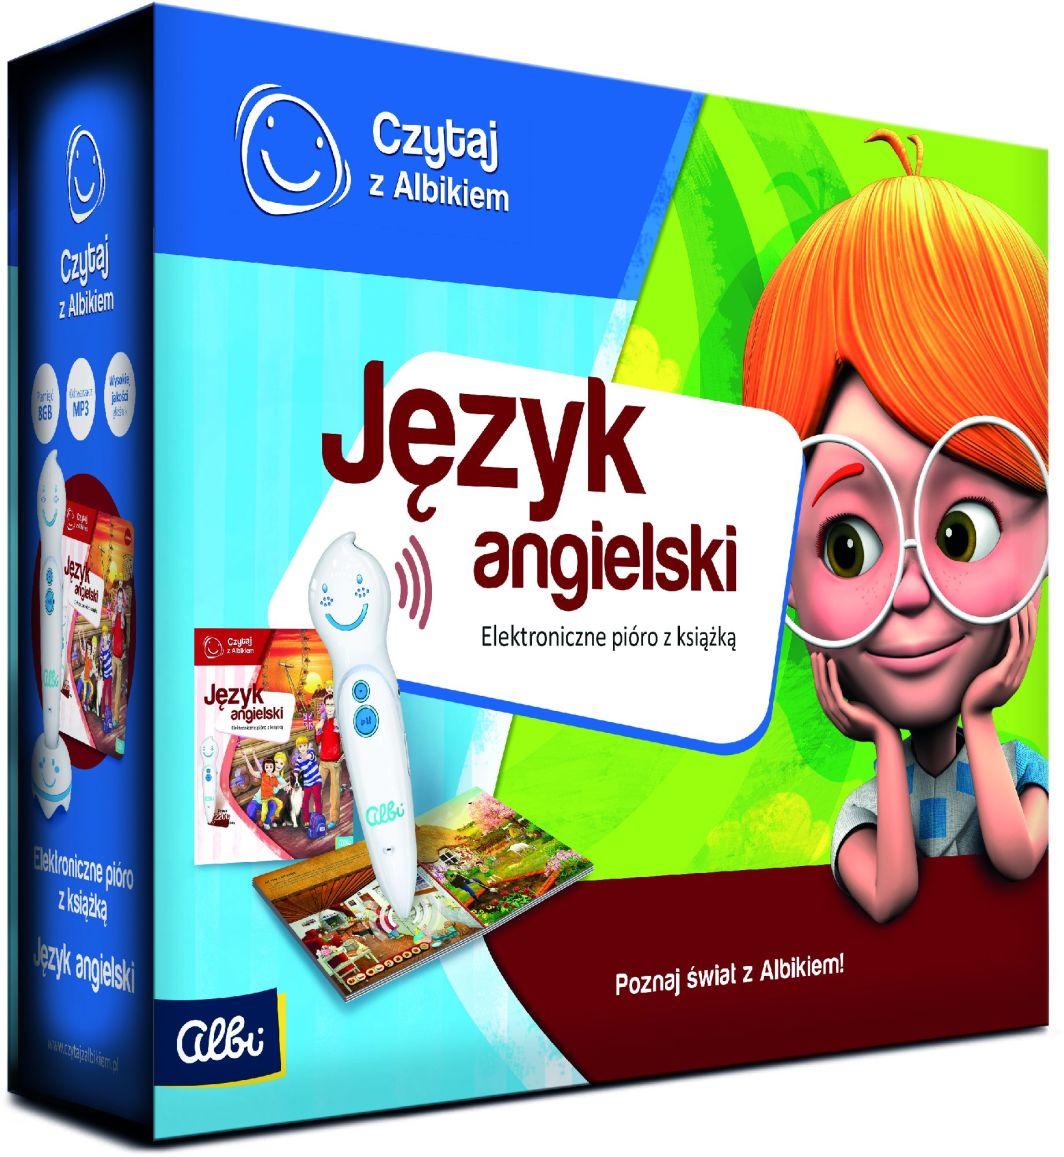 Albi Czytaj z Albikiem - Zestaw Pióro + Język Angielski 1